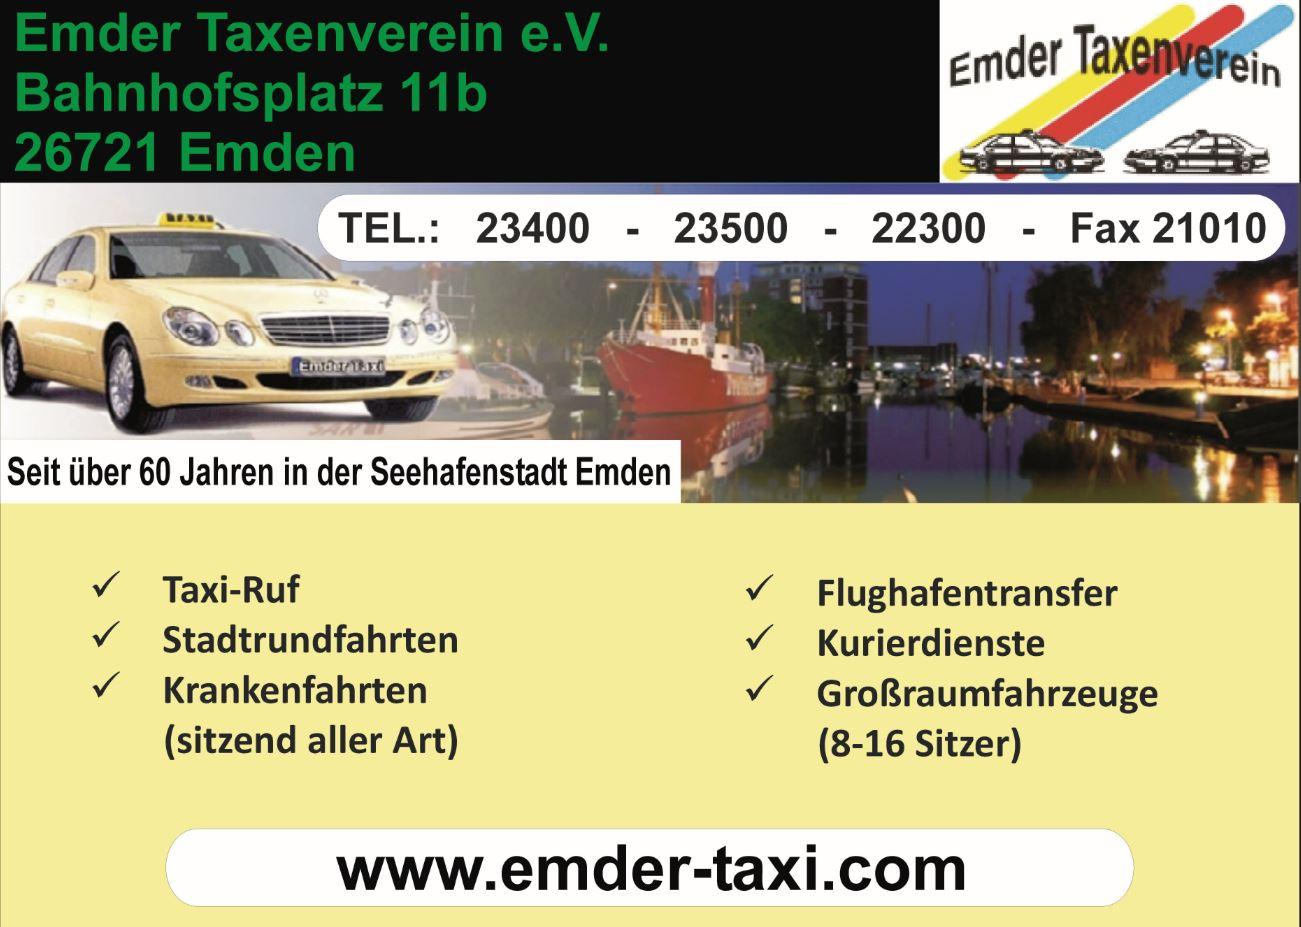 Emder Taxenverein